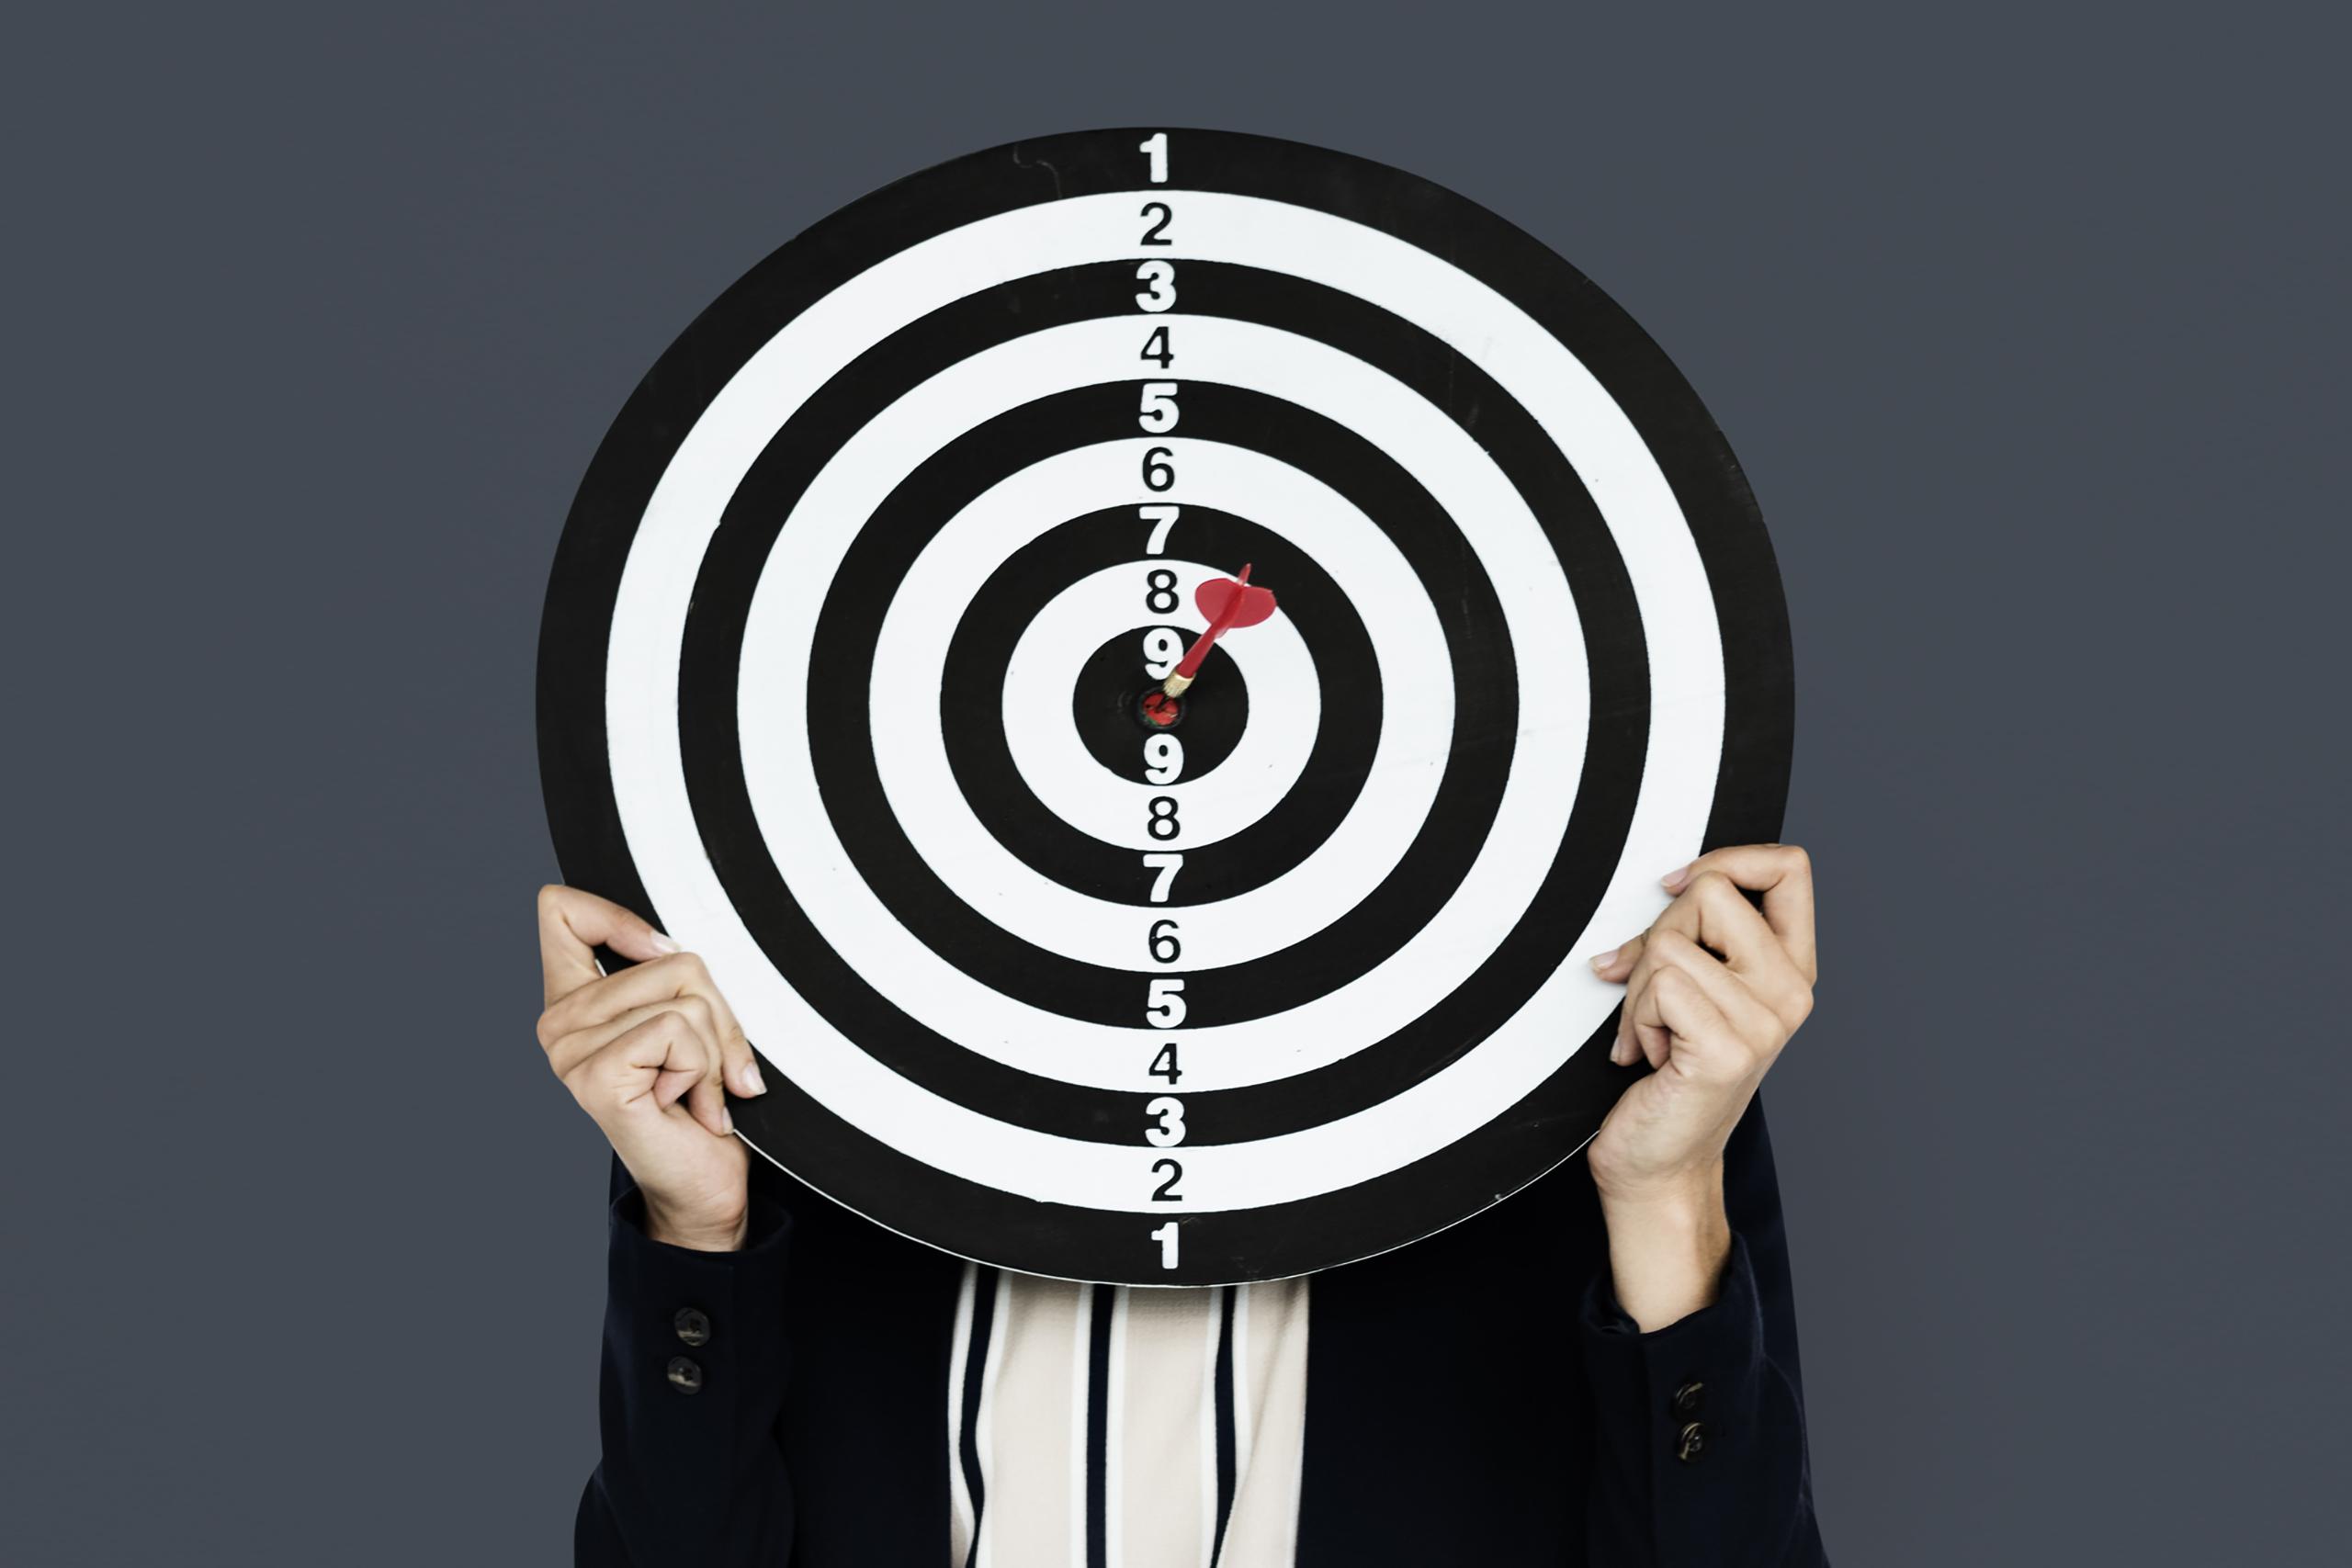 Prime Targets for Cyber Criminals